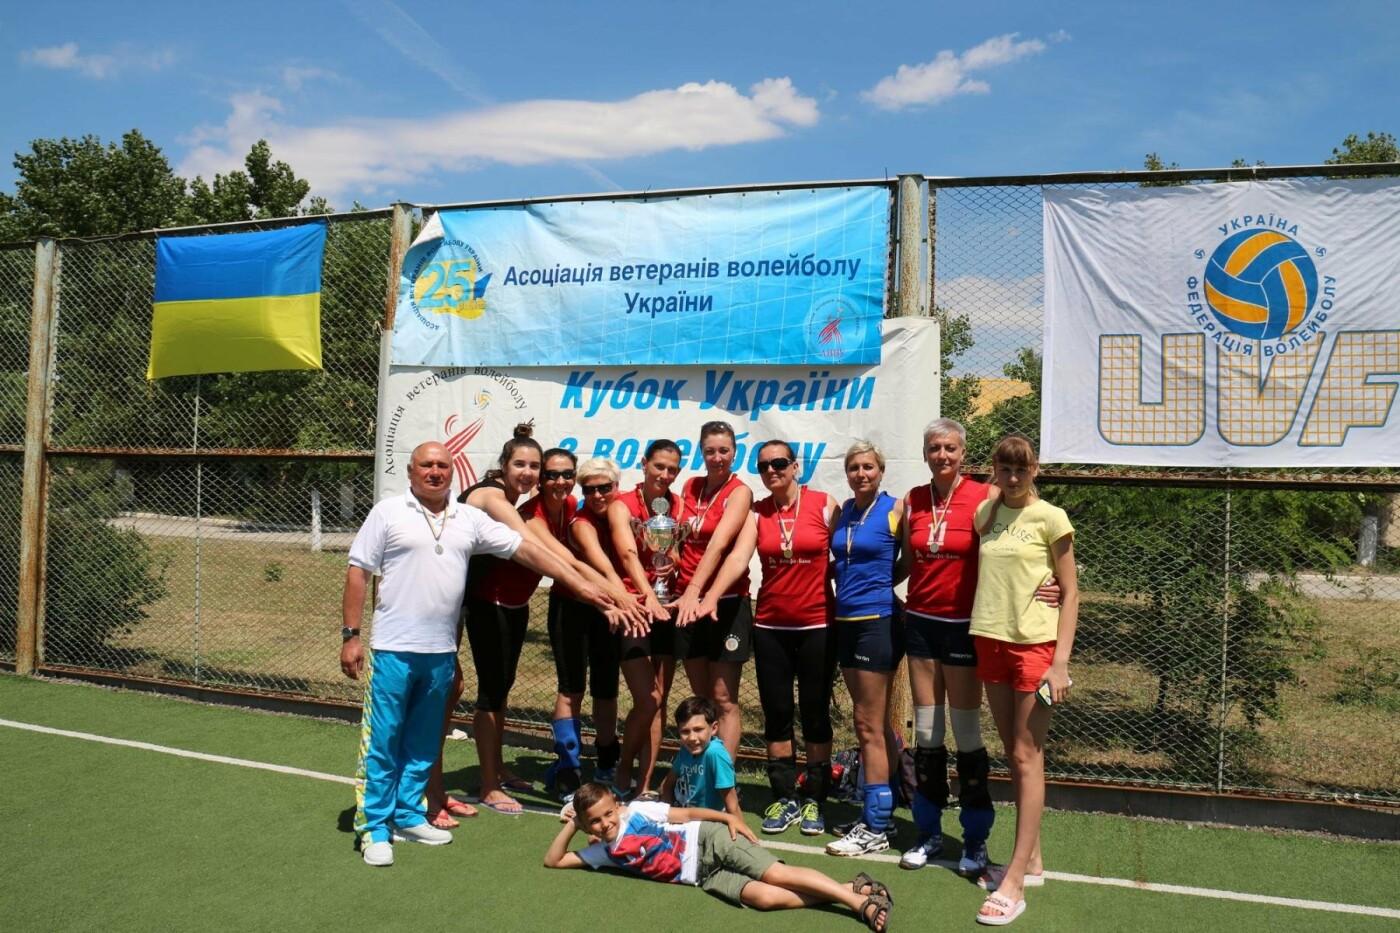 Ветераны волейбола из Каменского стали чемпионами Украины, фото-3